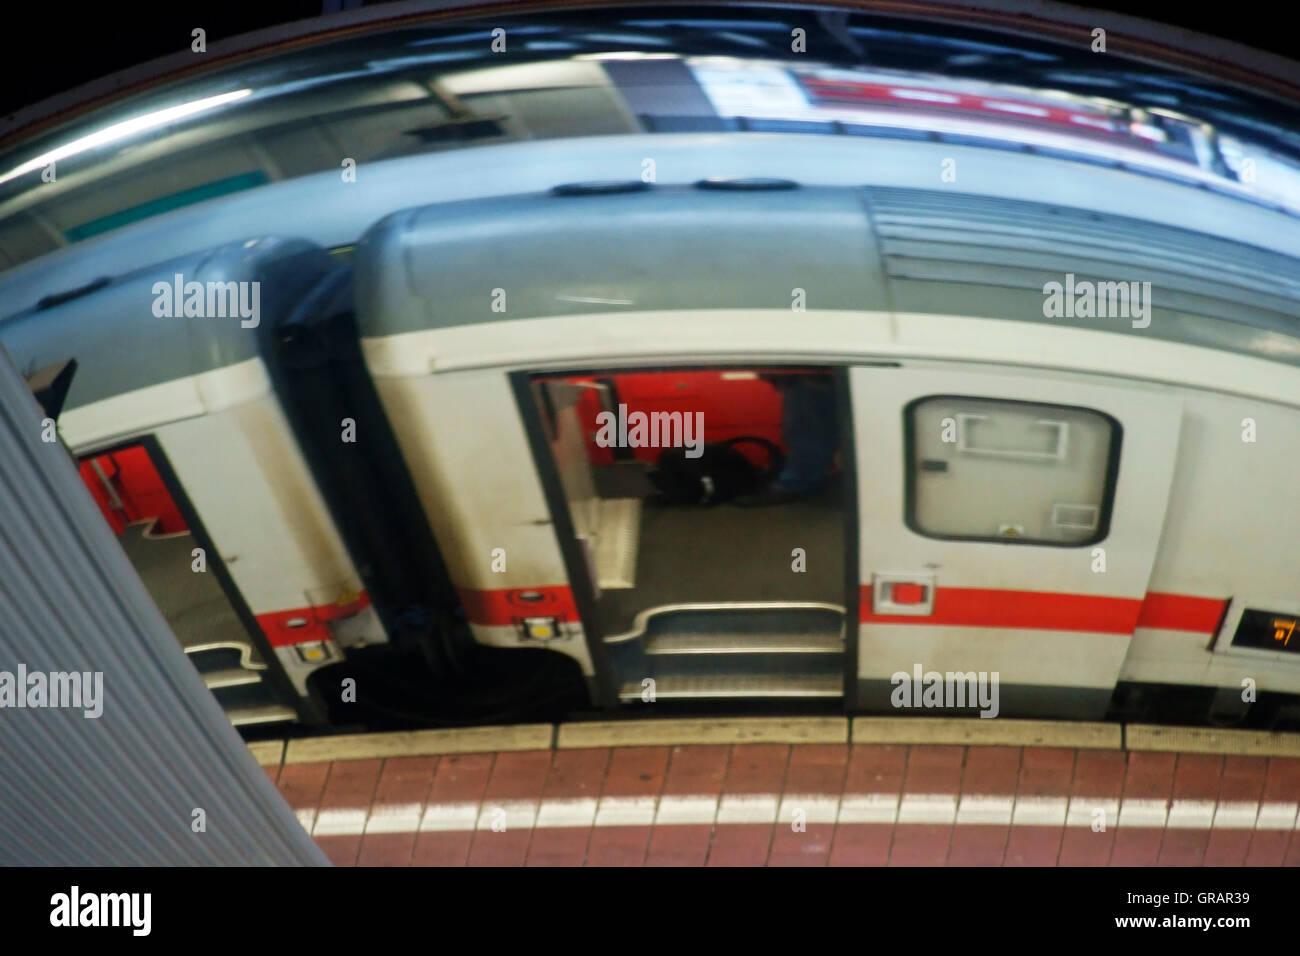 Platform Reflection - Stock Image